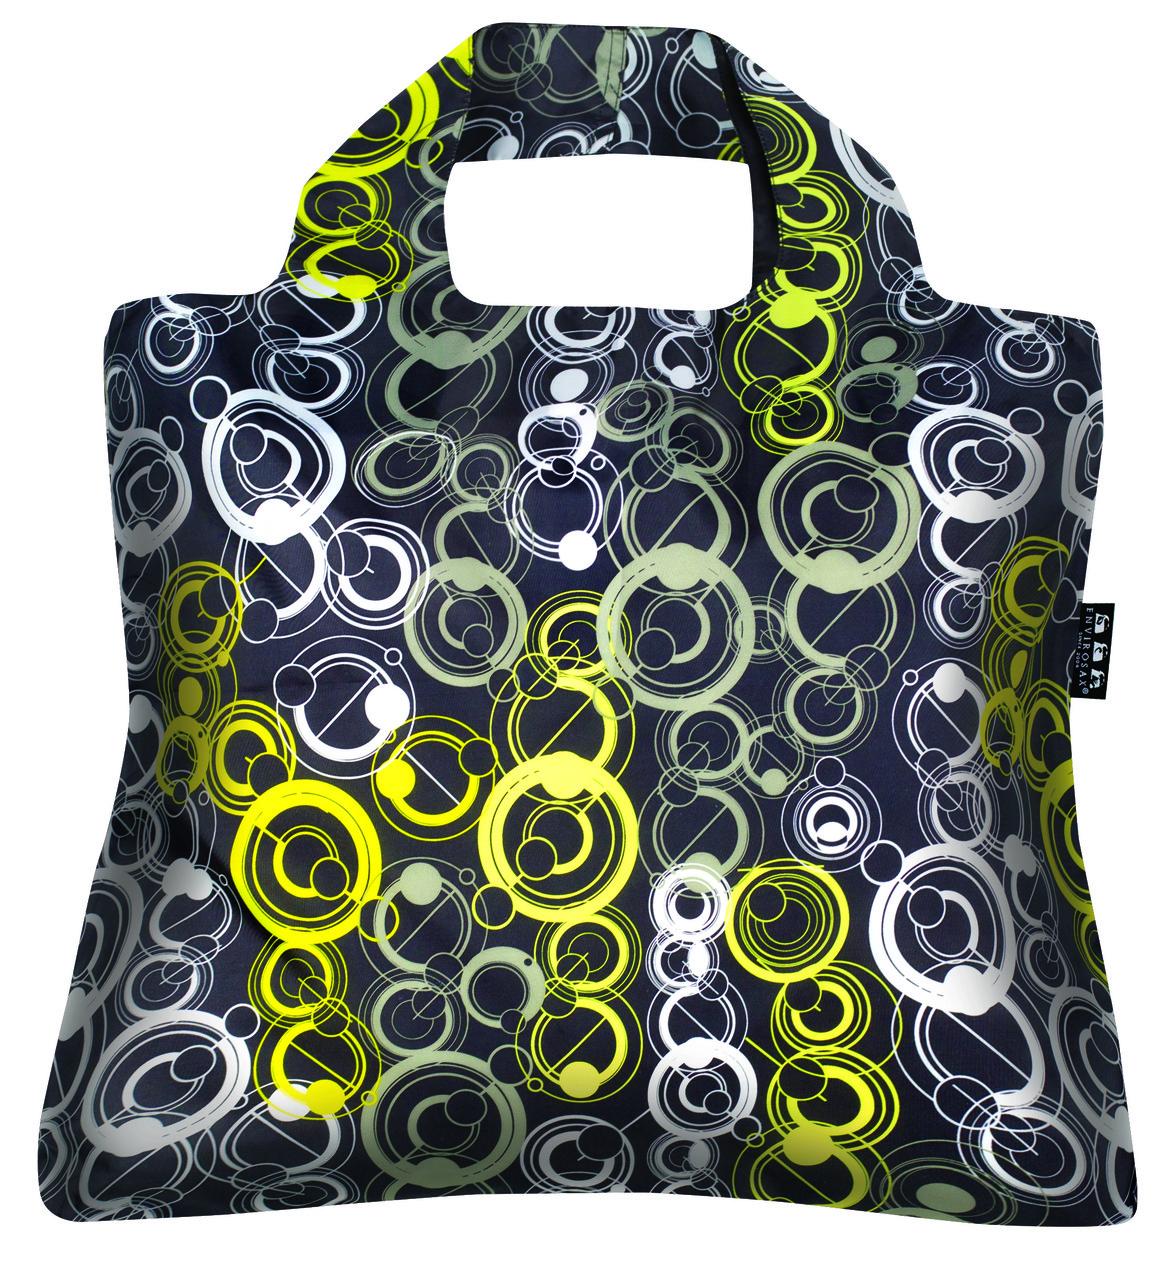 Сумка для покупок Envirosax (Австралия) женская SM.B4 сумки шоппер женские